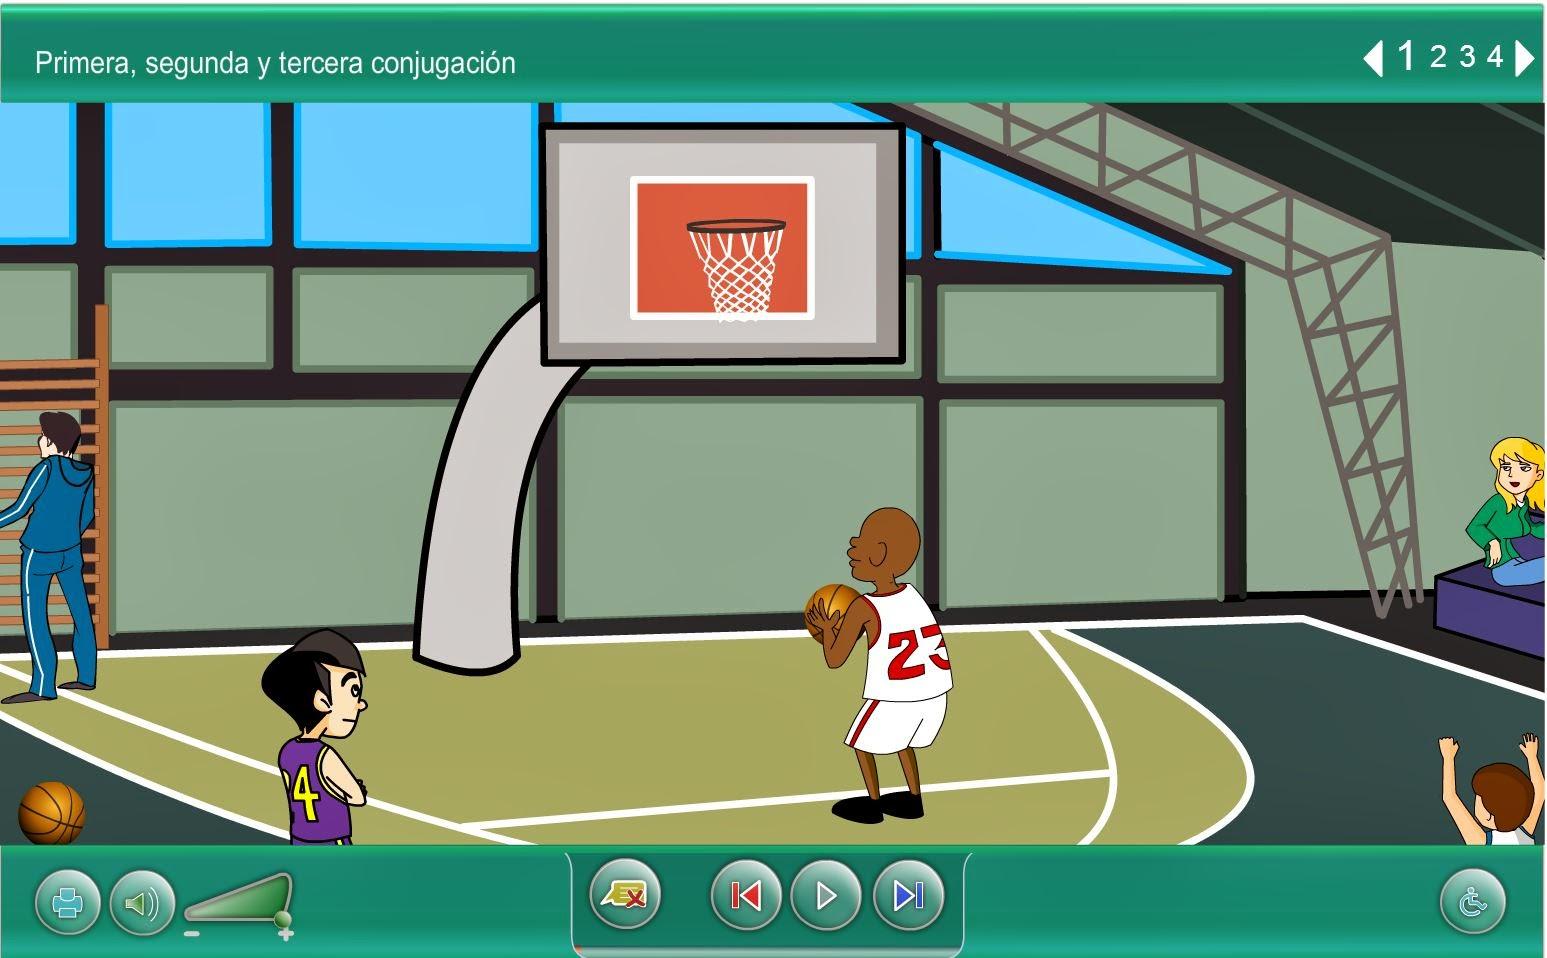 http://contenidos.proyectoagrega.es//repositorio/01022010/5c/es_2009091713_2966965/lc008_oa04_es/PlayerSM.swf